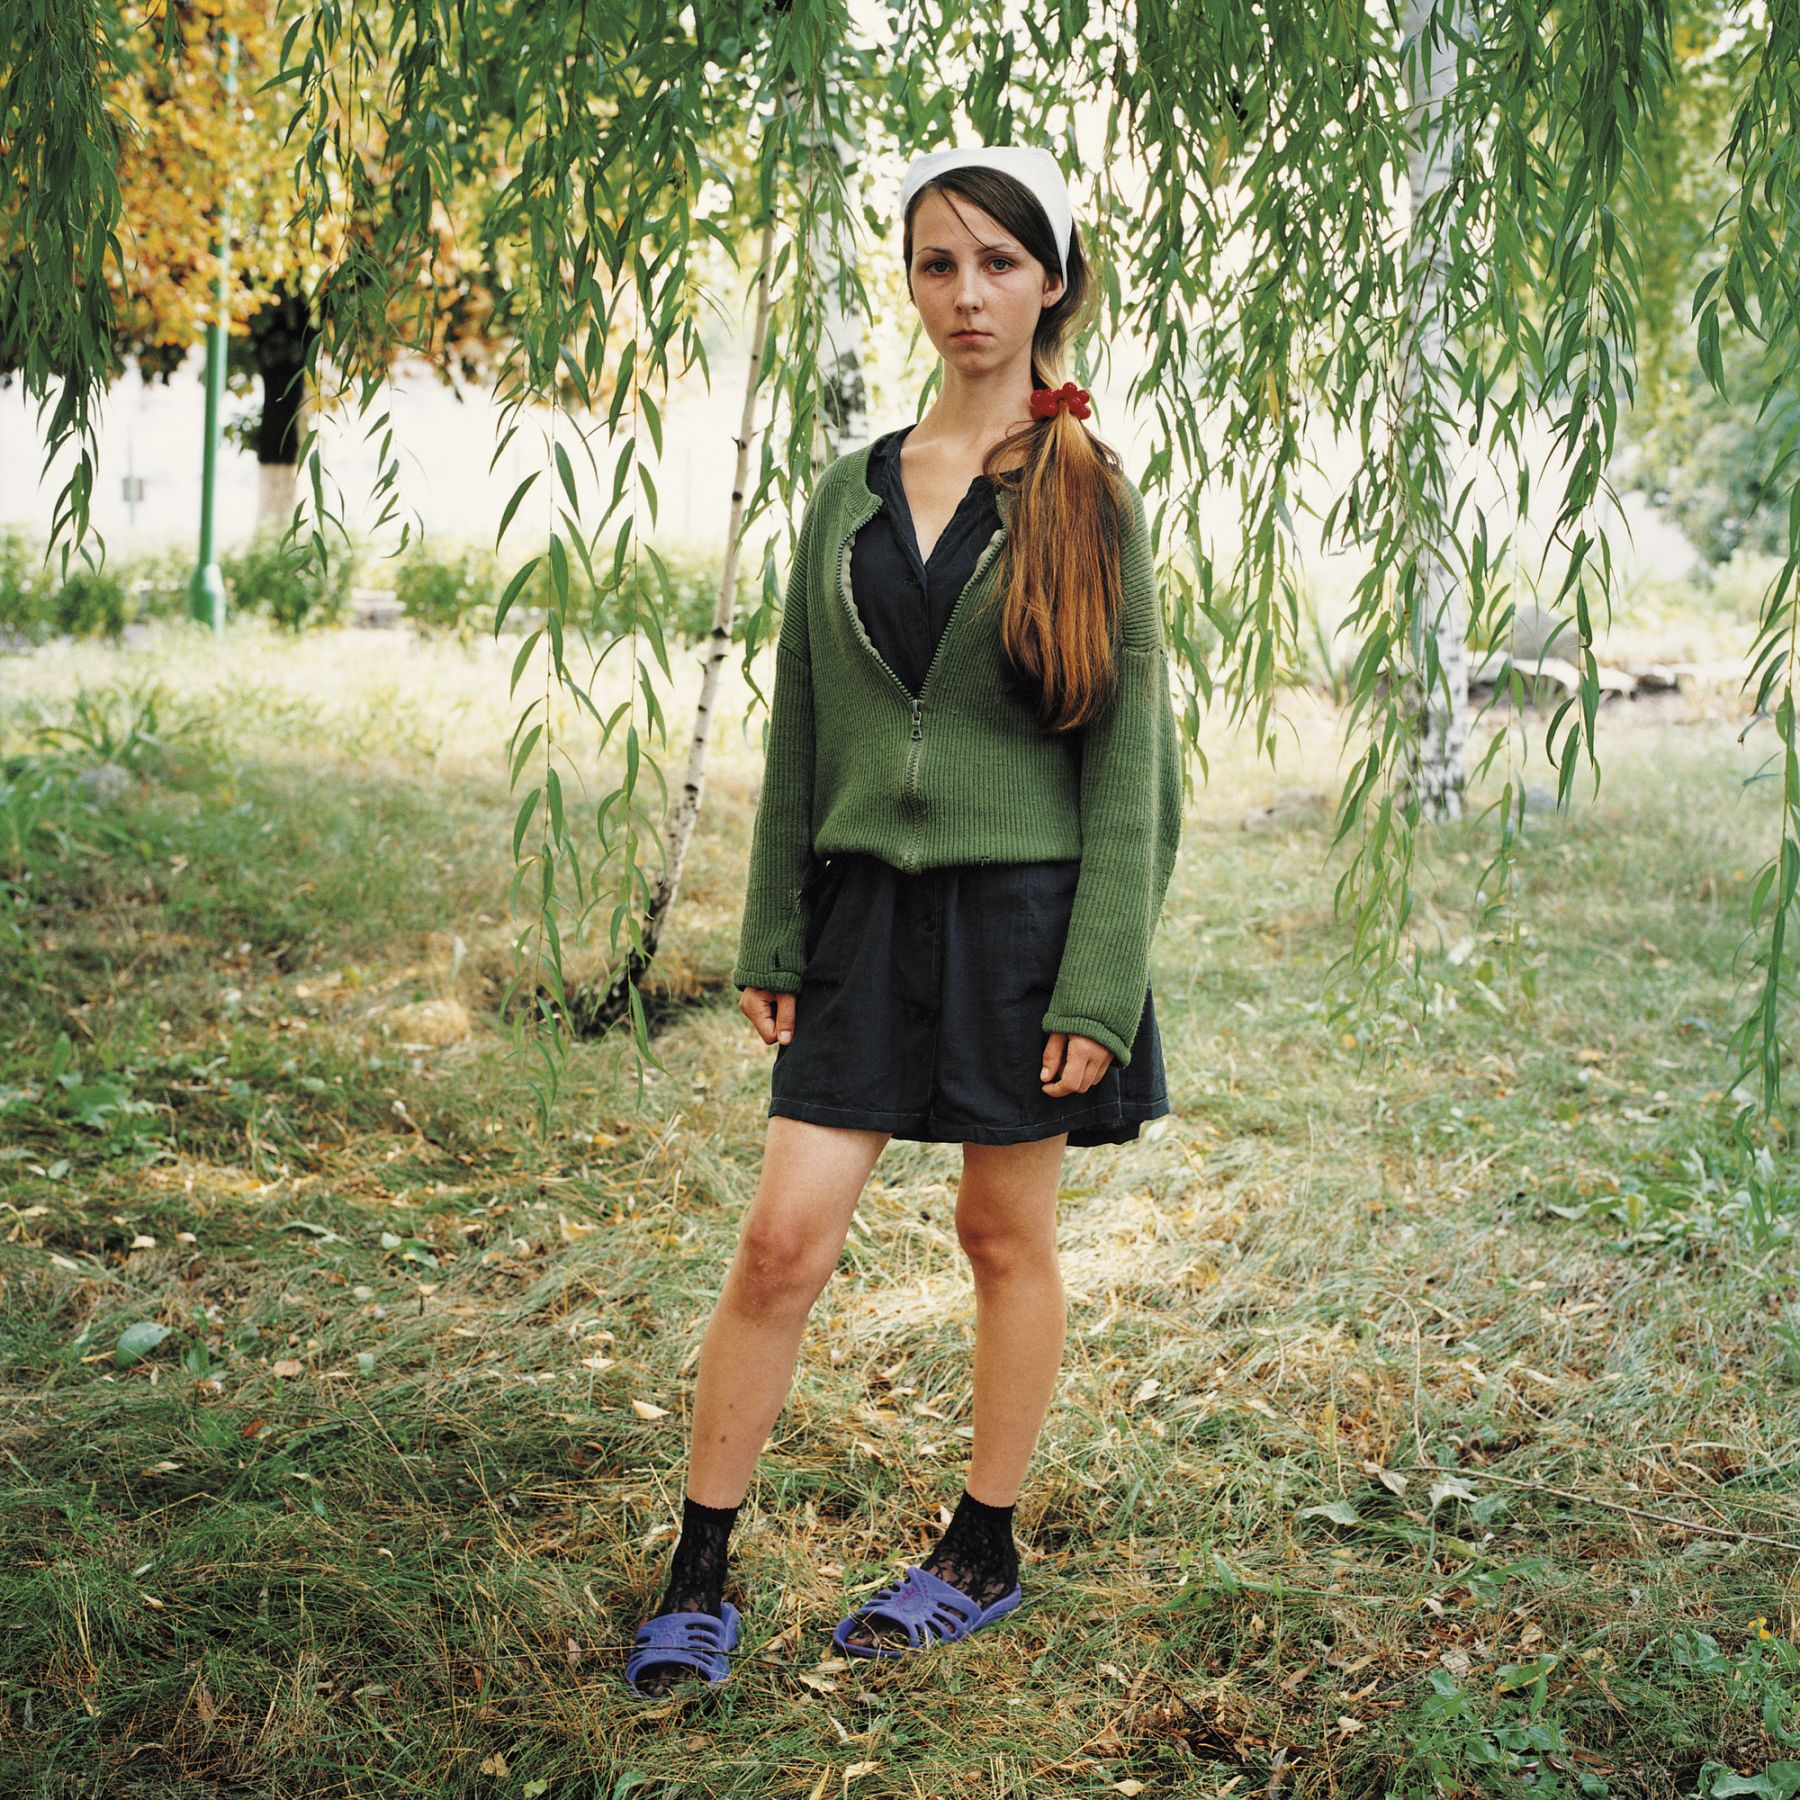 MICHAL CHELBIN, Yana, Sentenced for Theft, Girl's Prison, Ukraine, 2009